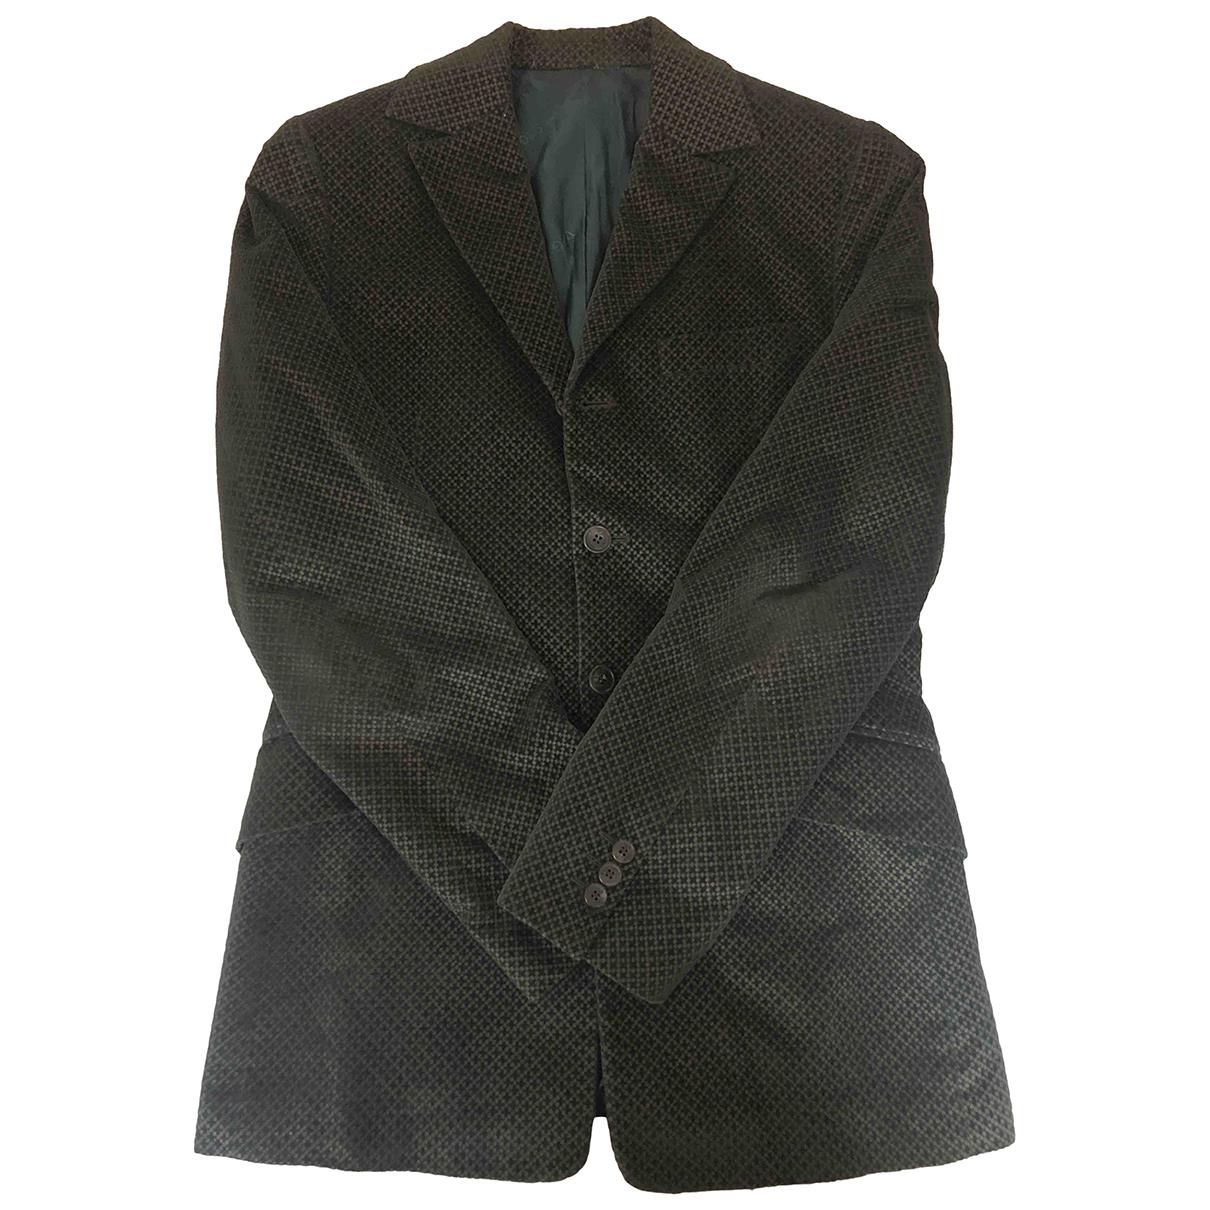 D&g N Multicolour Velvet jacket  for Men 50 IT